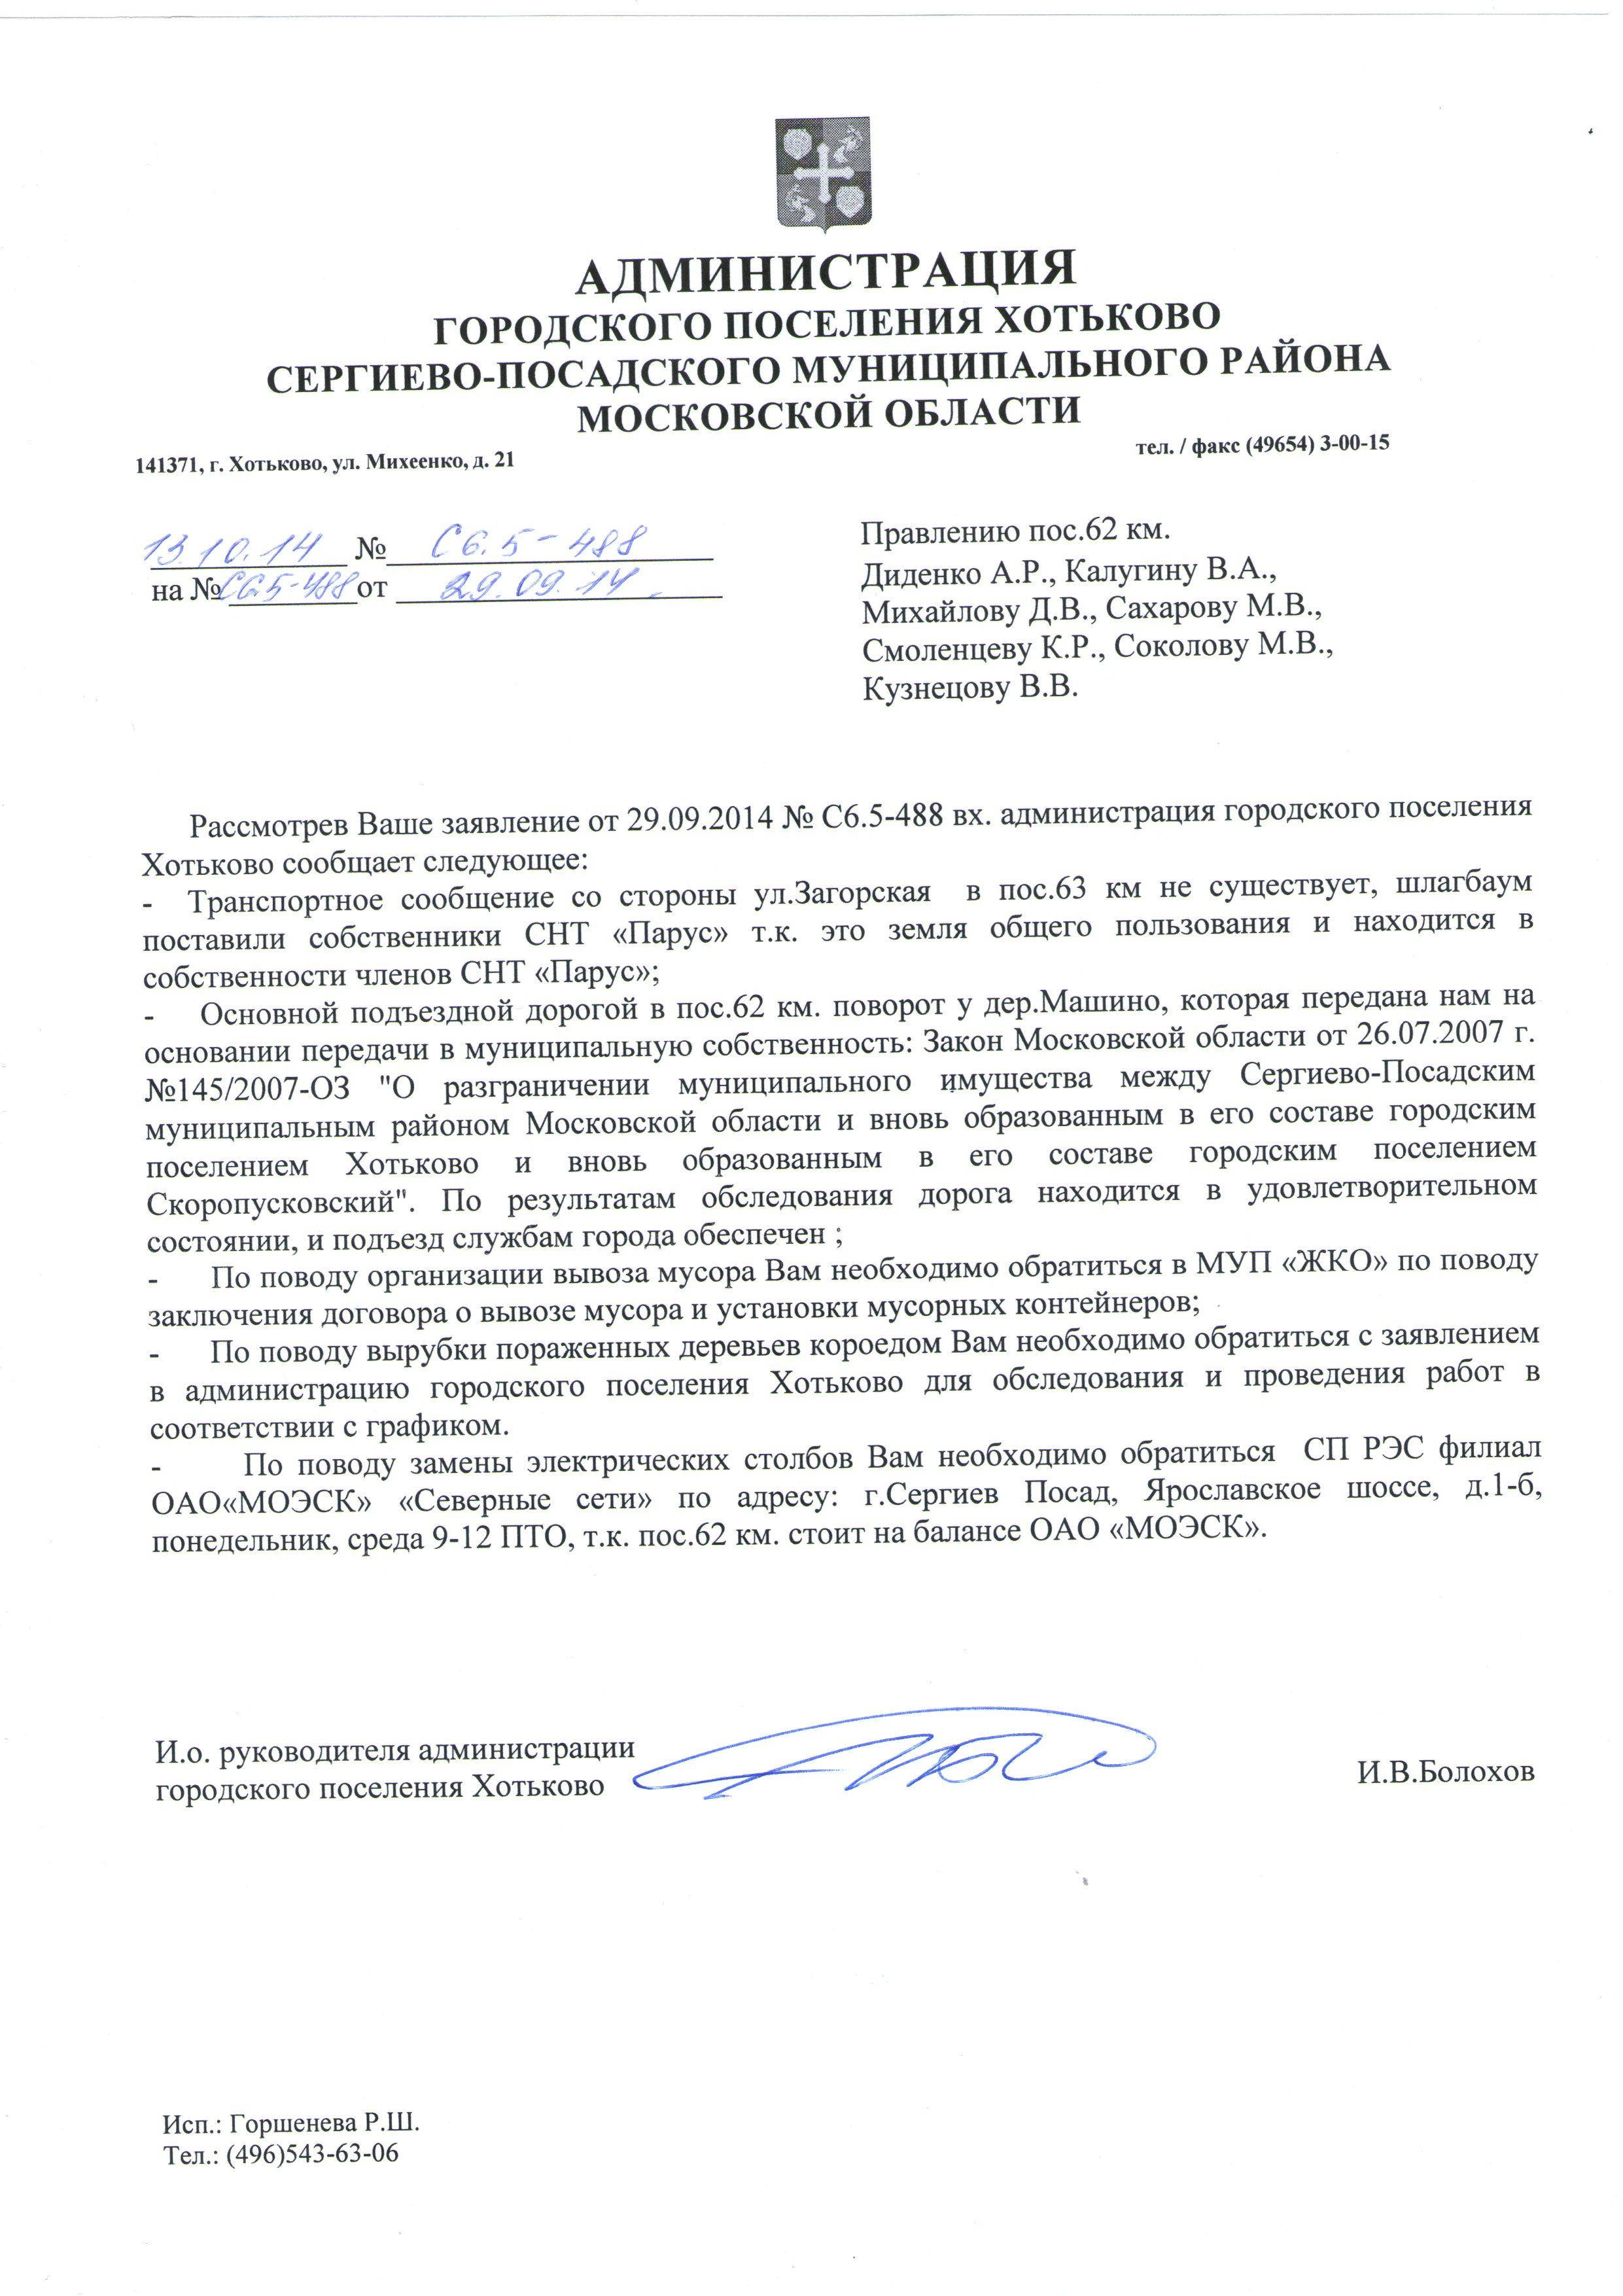 Ответ от Администрации г. Хотьково от 13.10.14